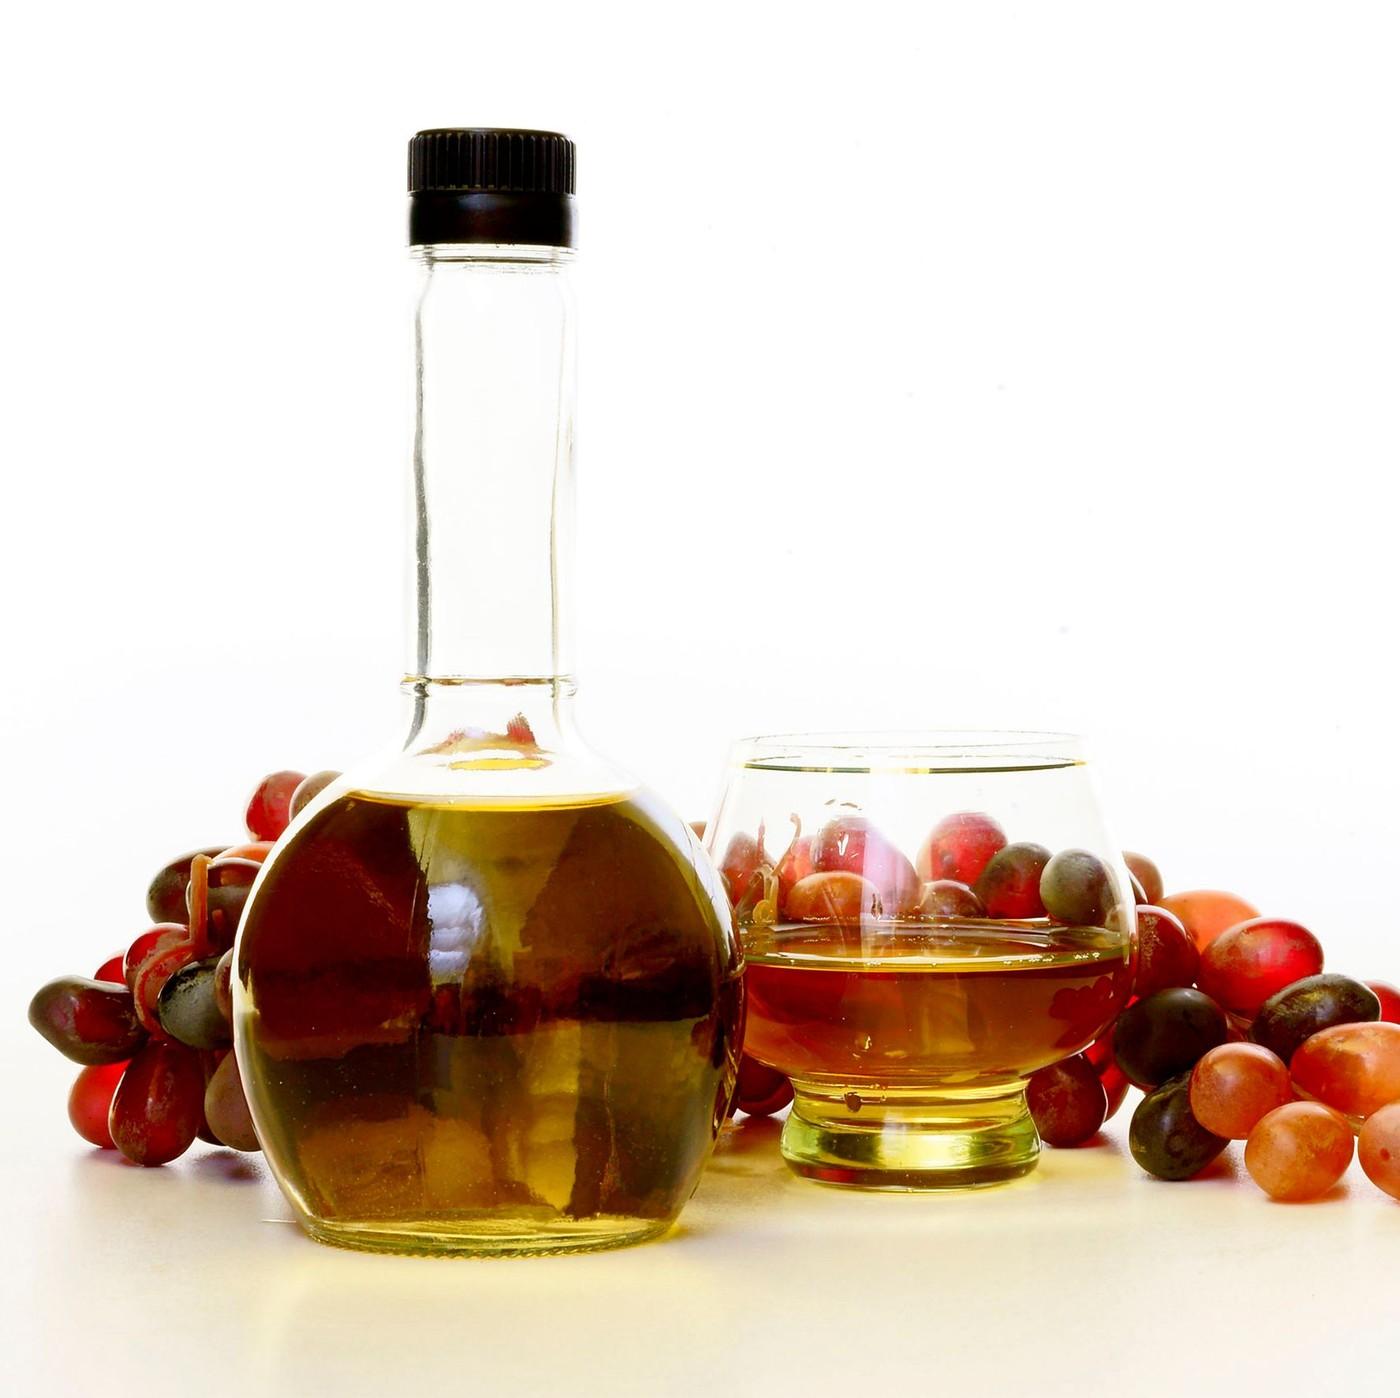 receta de Vinagre De Vino Blanco